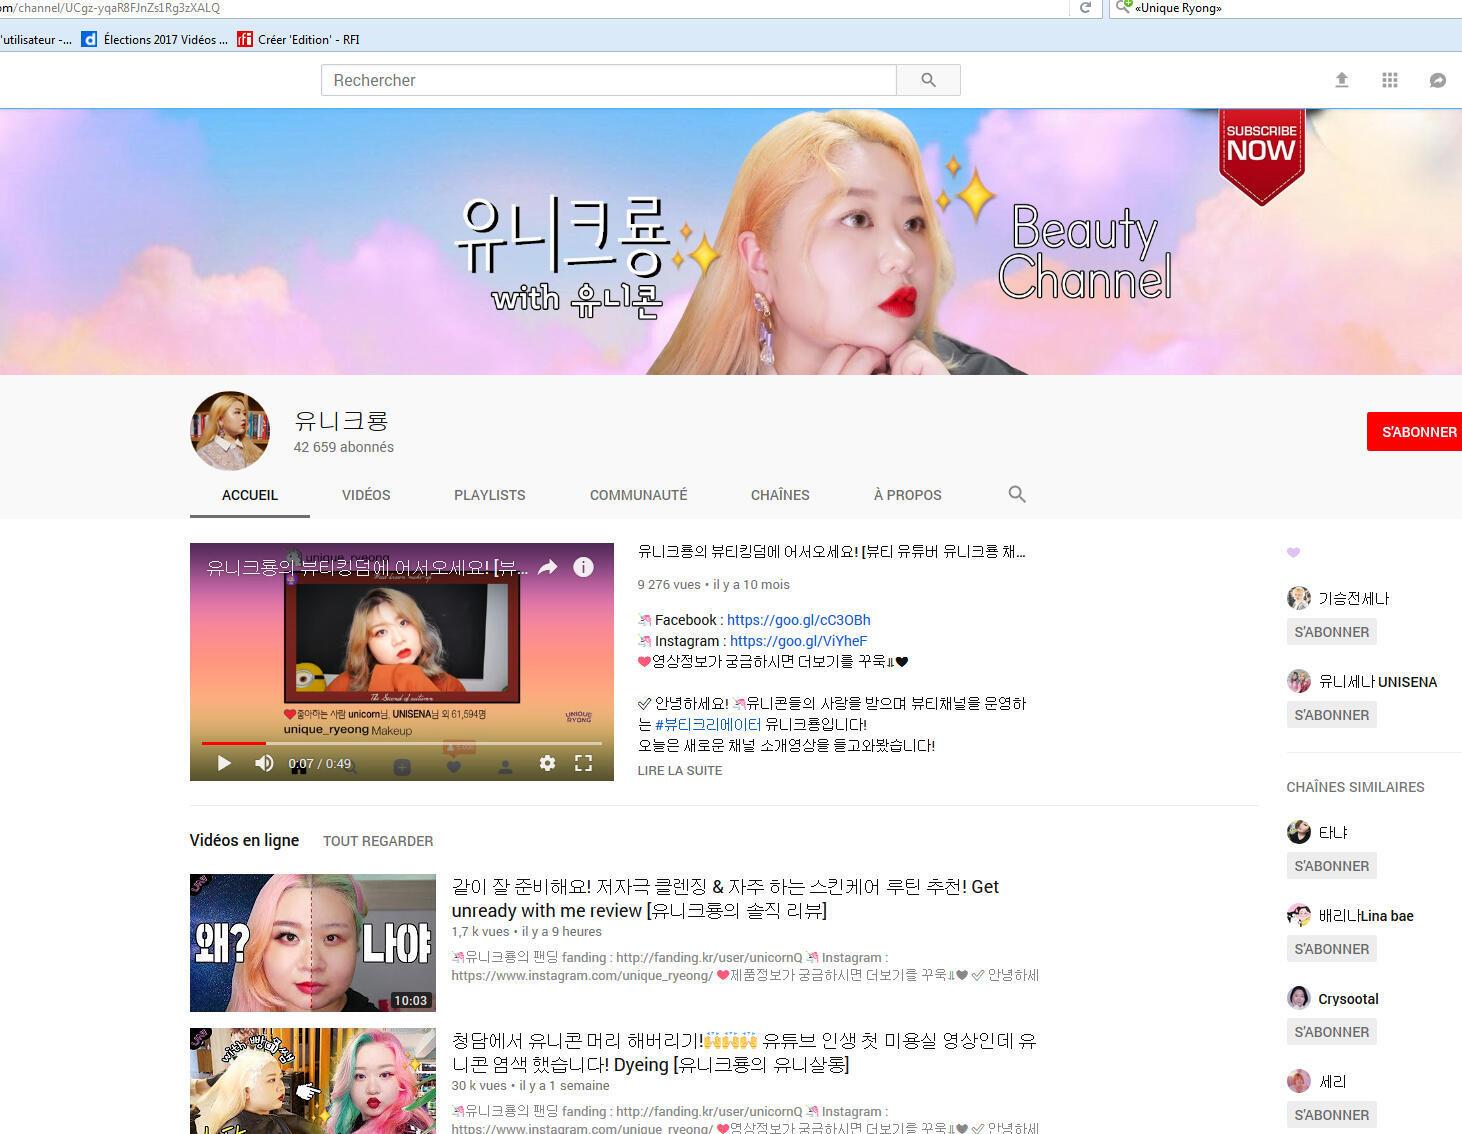 La chaîne de tutoriels de maquillage «Unique Ryong» sur YouTube connait beaucoup de succès et compte plus de 42000 abonnés.